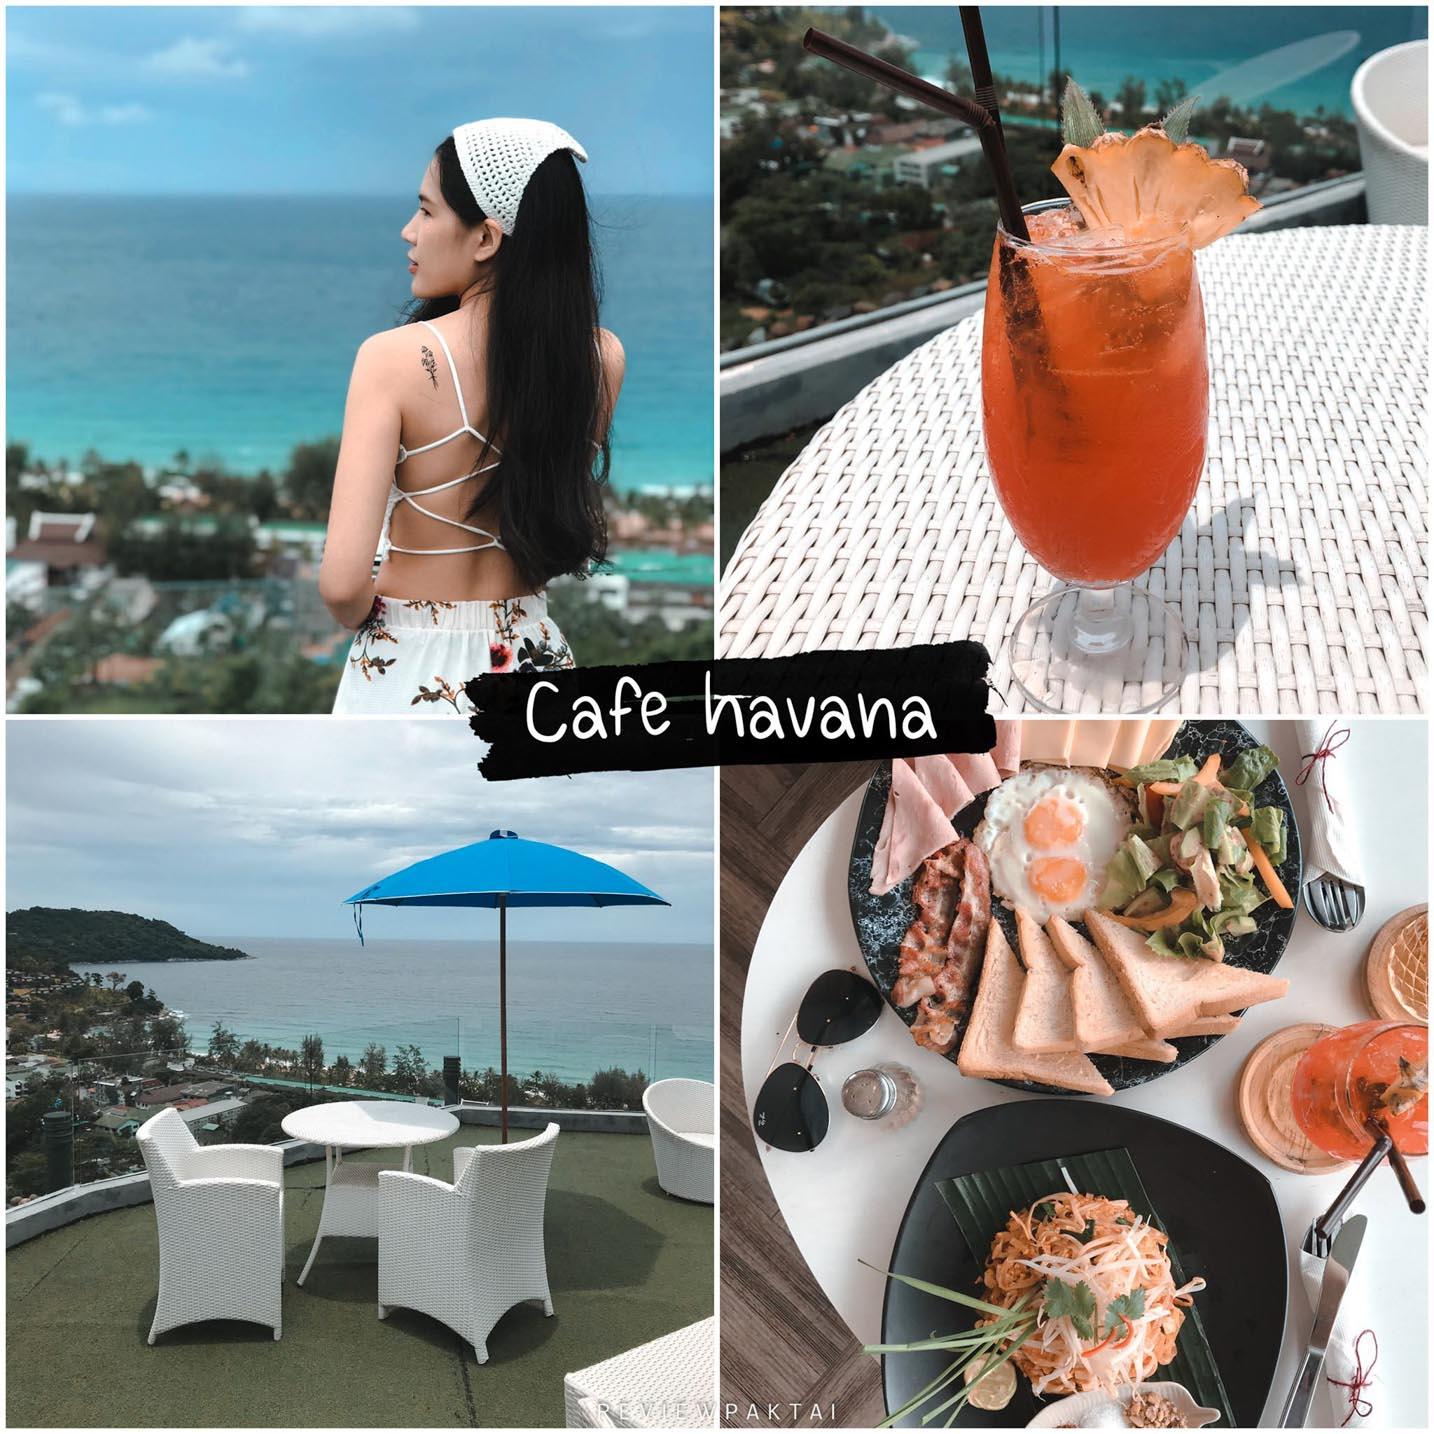 ปักหมุดเช็คอินกันกับ ร้าน Cafe Havana ราคาหลักร้อยวิวหลักล้าน ตกแต่งสไตล์แบบโมเดิร์น บรรยากาศร้านโล่งเย็นสบาย